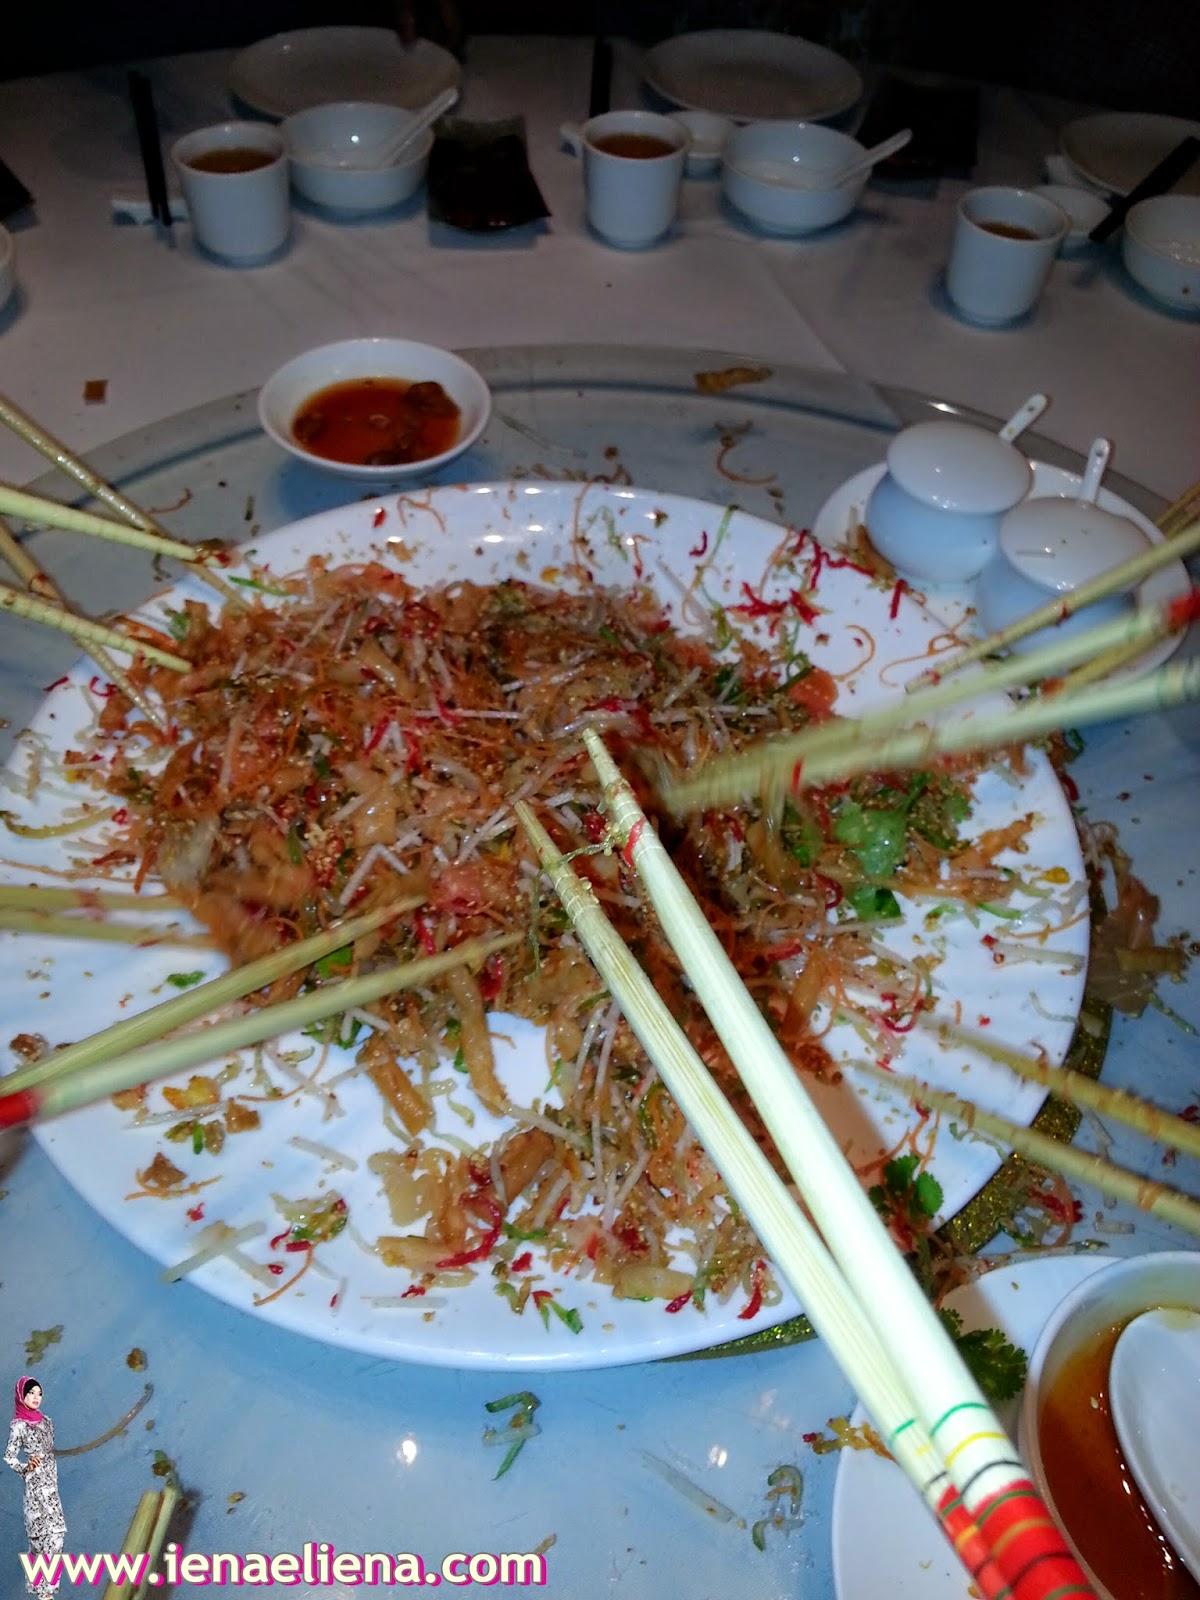 GLOBALTIUM CNY DINNER AT SRING GARDEN KLCC - Lou Sang !